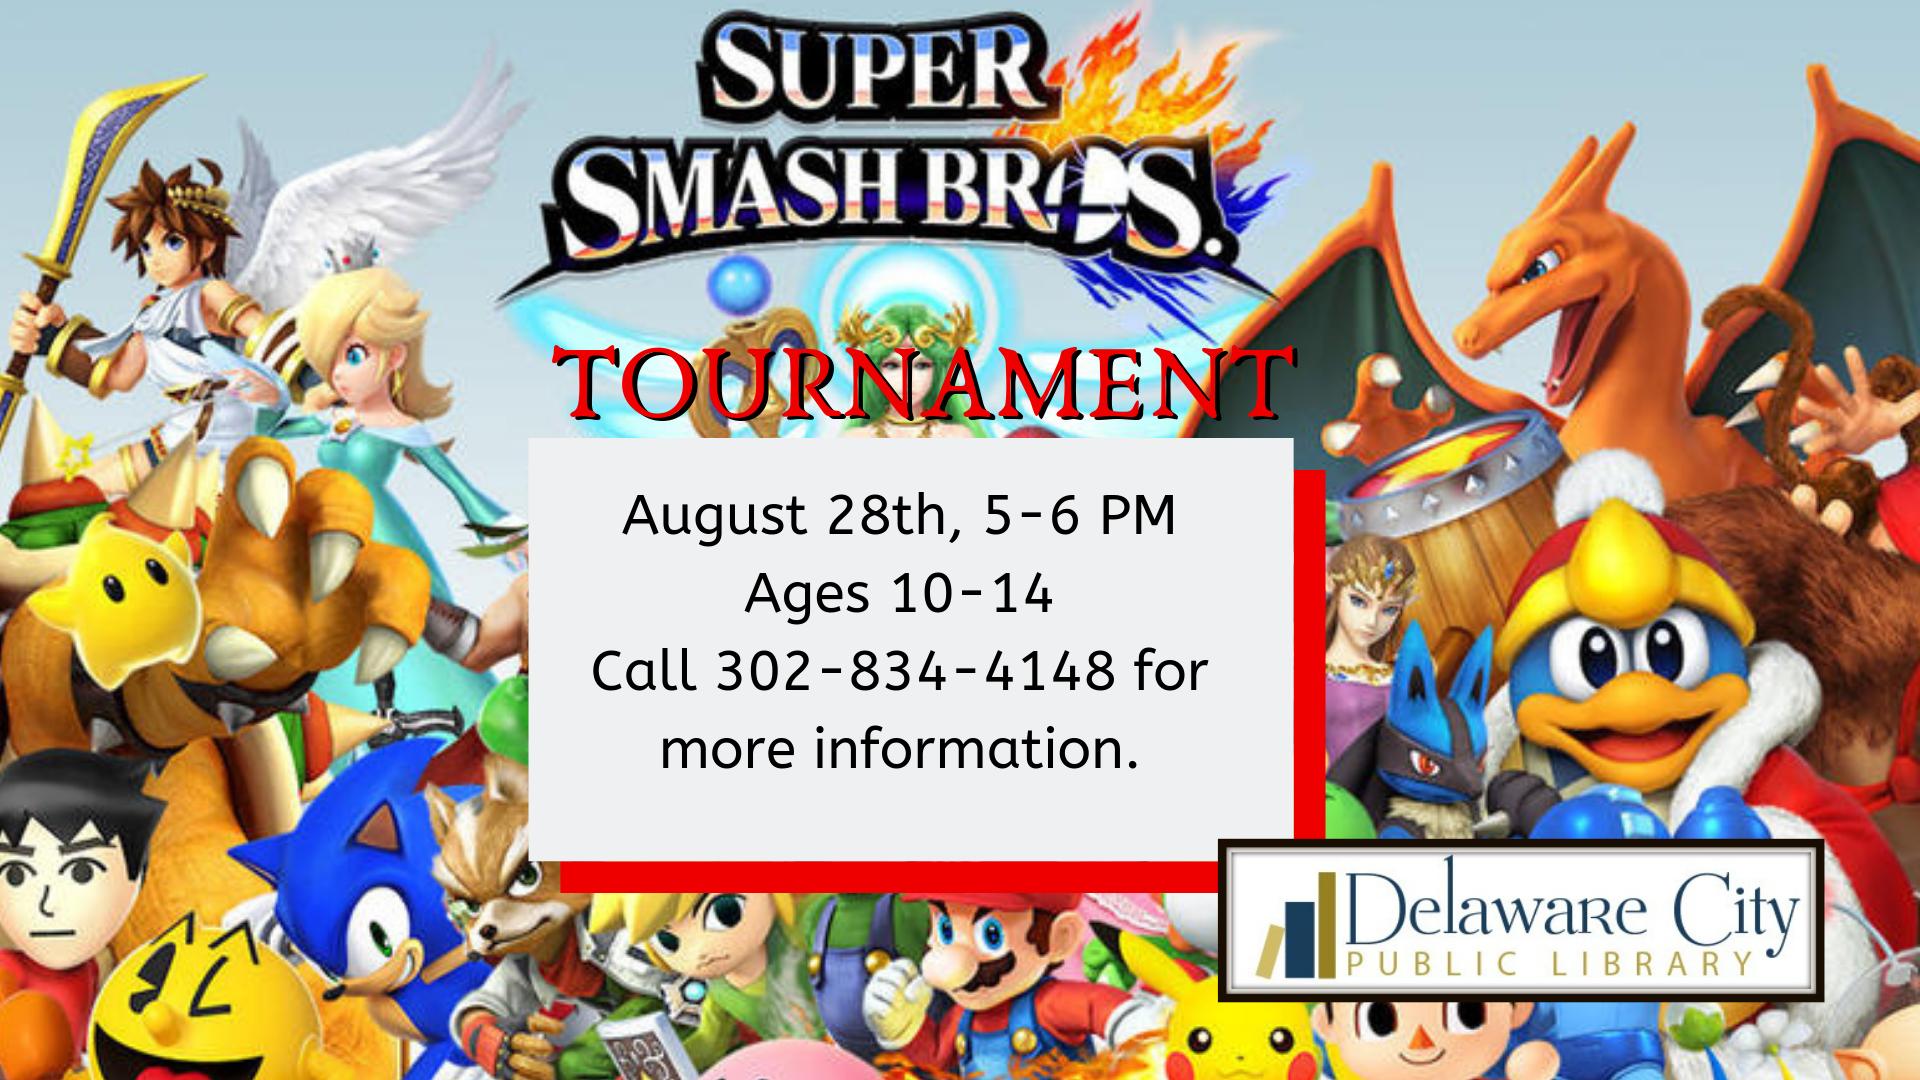 Super Smash Bros.™ Tournament